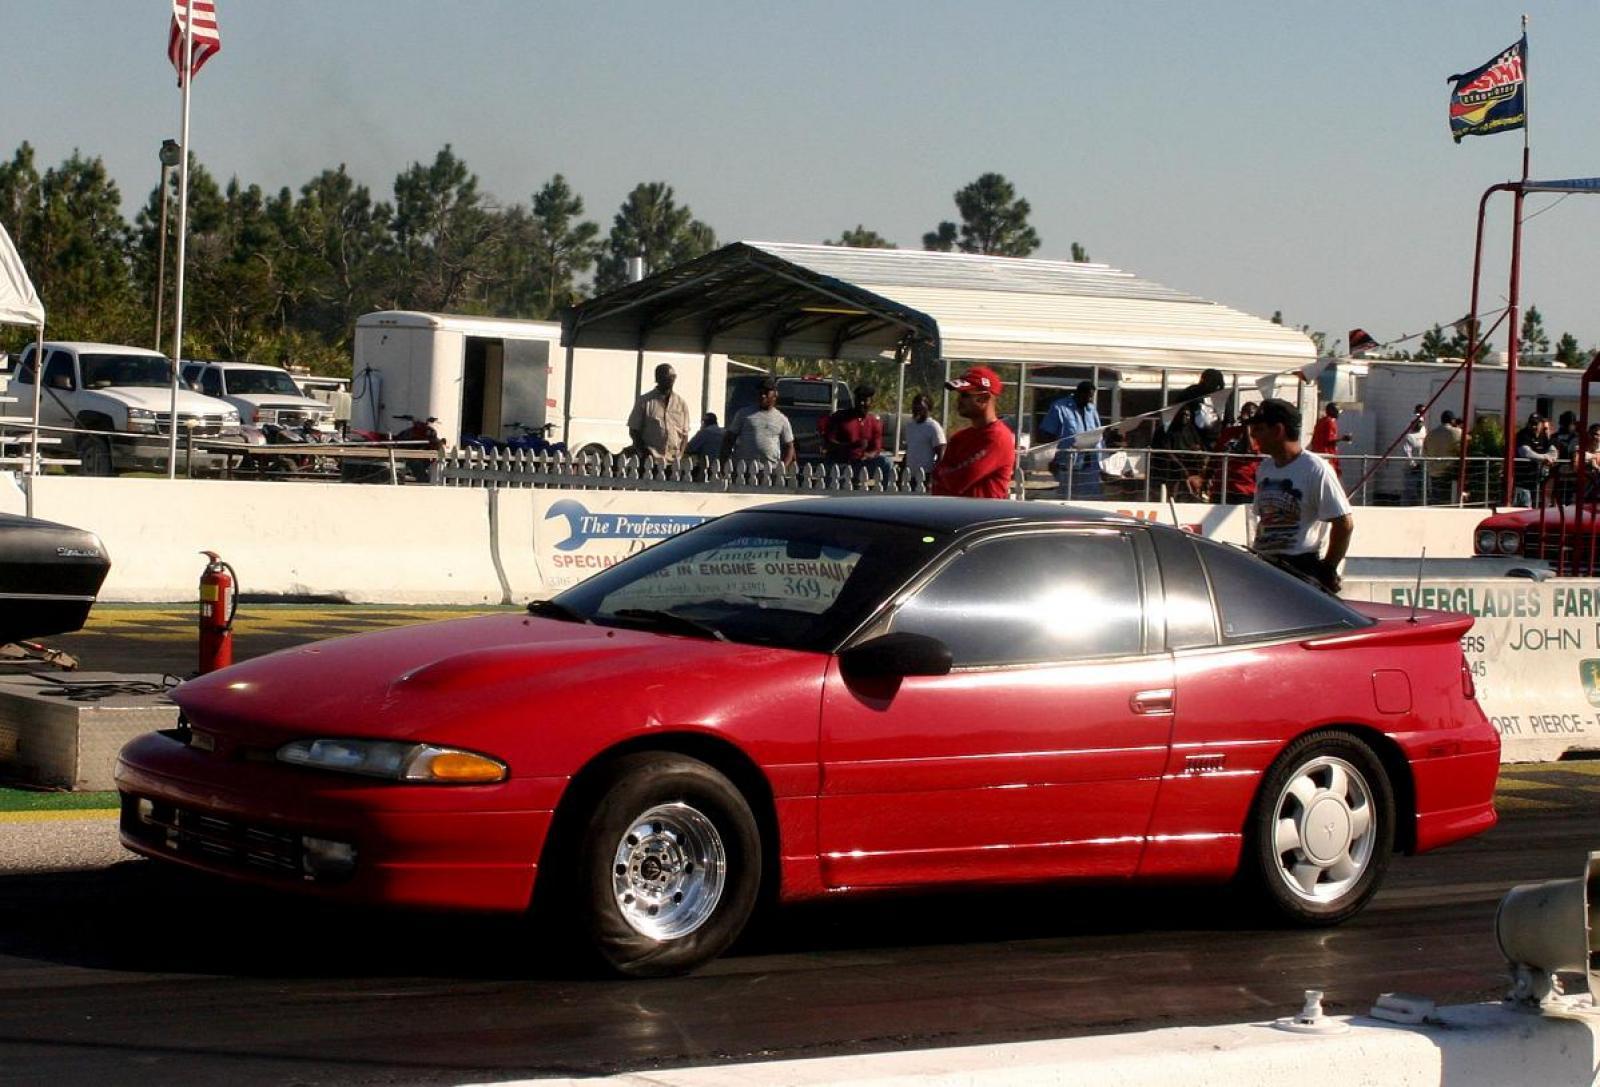 1994 Mitsubishi Eclipse #2 Mitsubishi Eclipse #2 800 1024 1280 1600 origin  ...